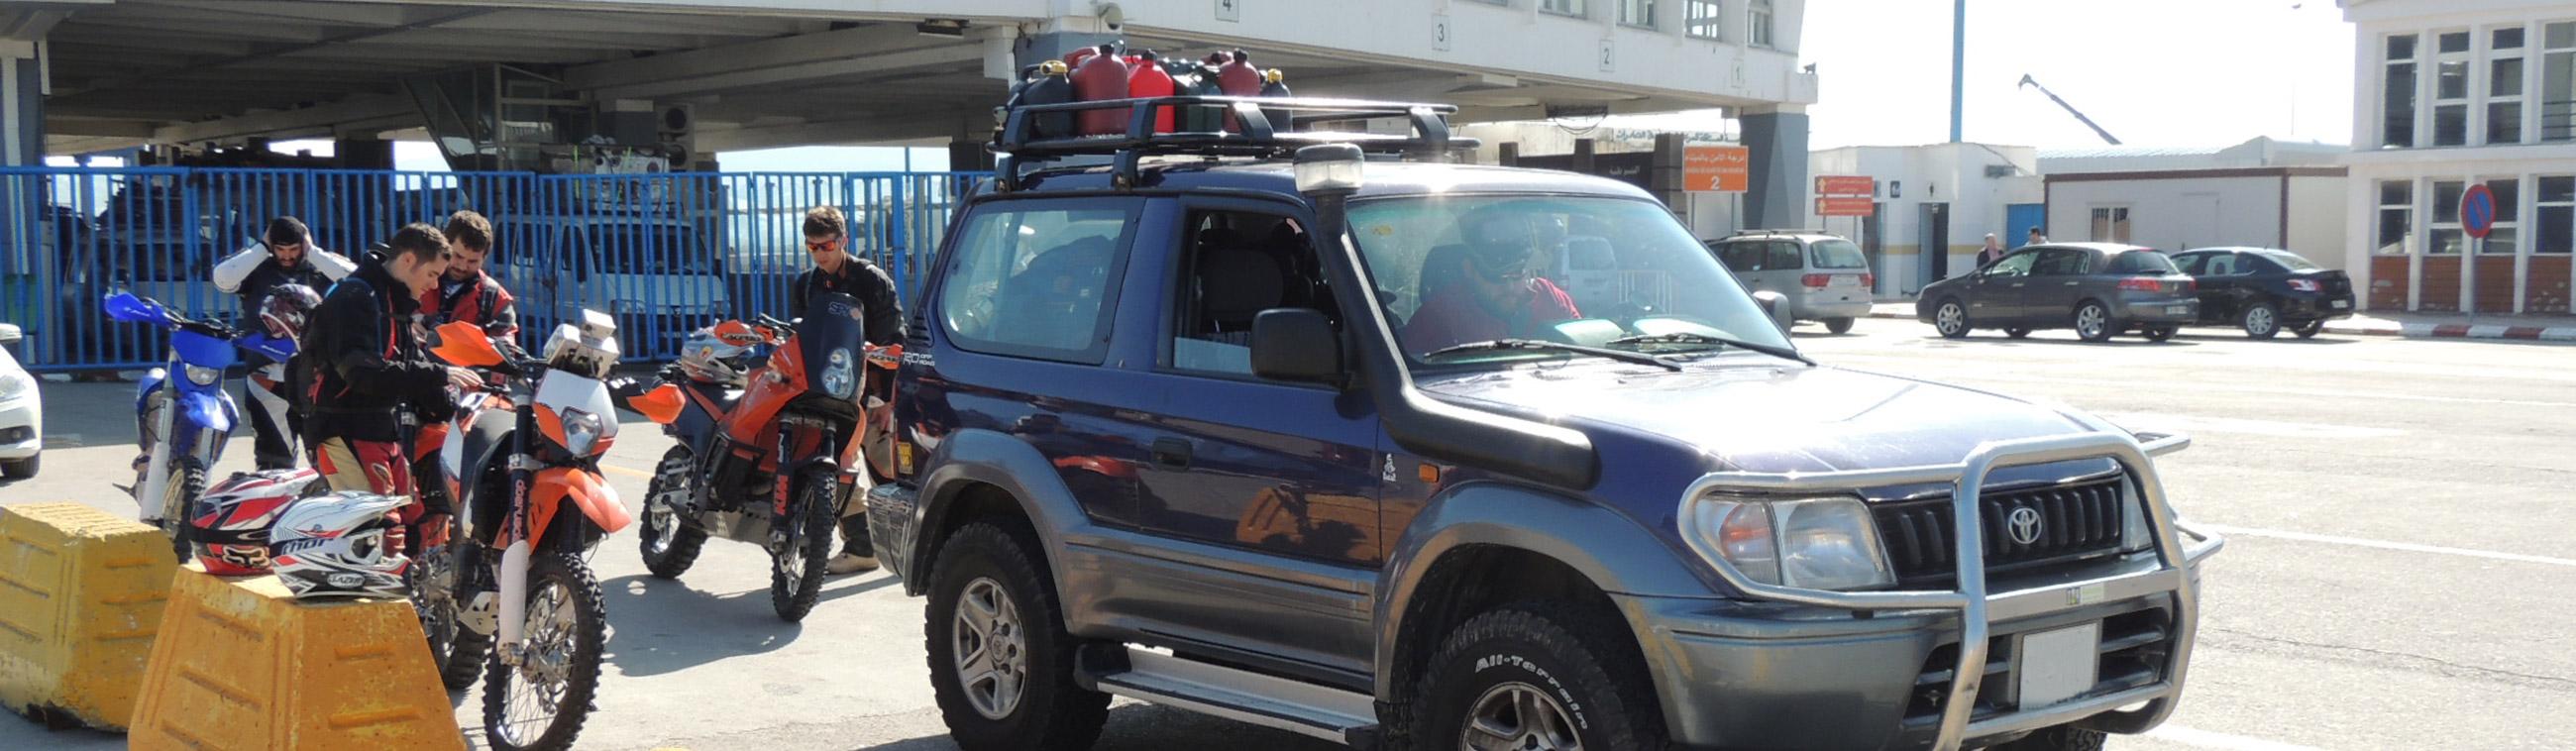 ¿Se puede llevar más de un vehículo a Marruecos?